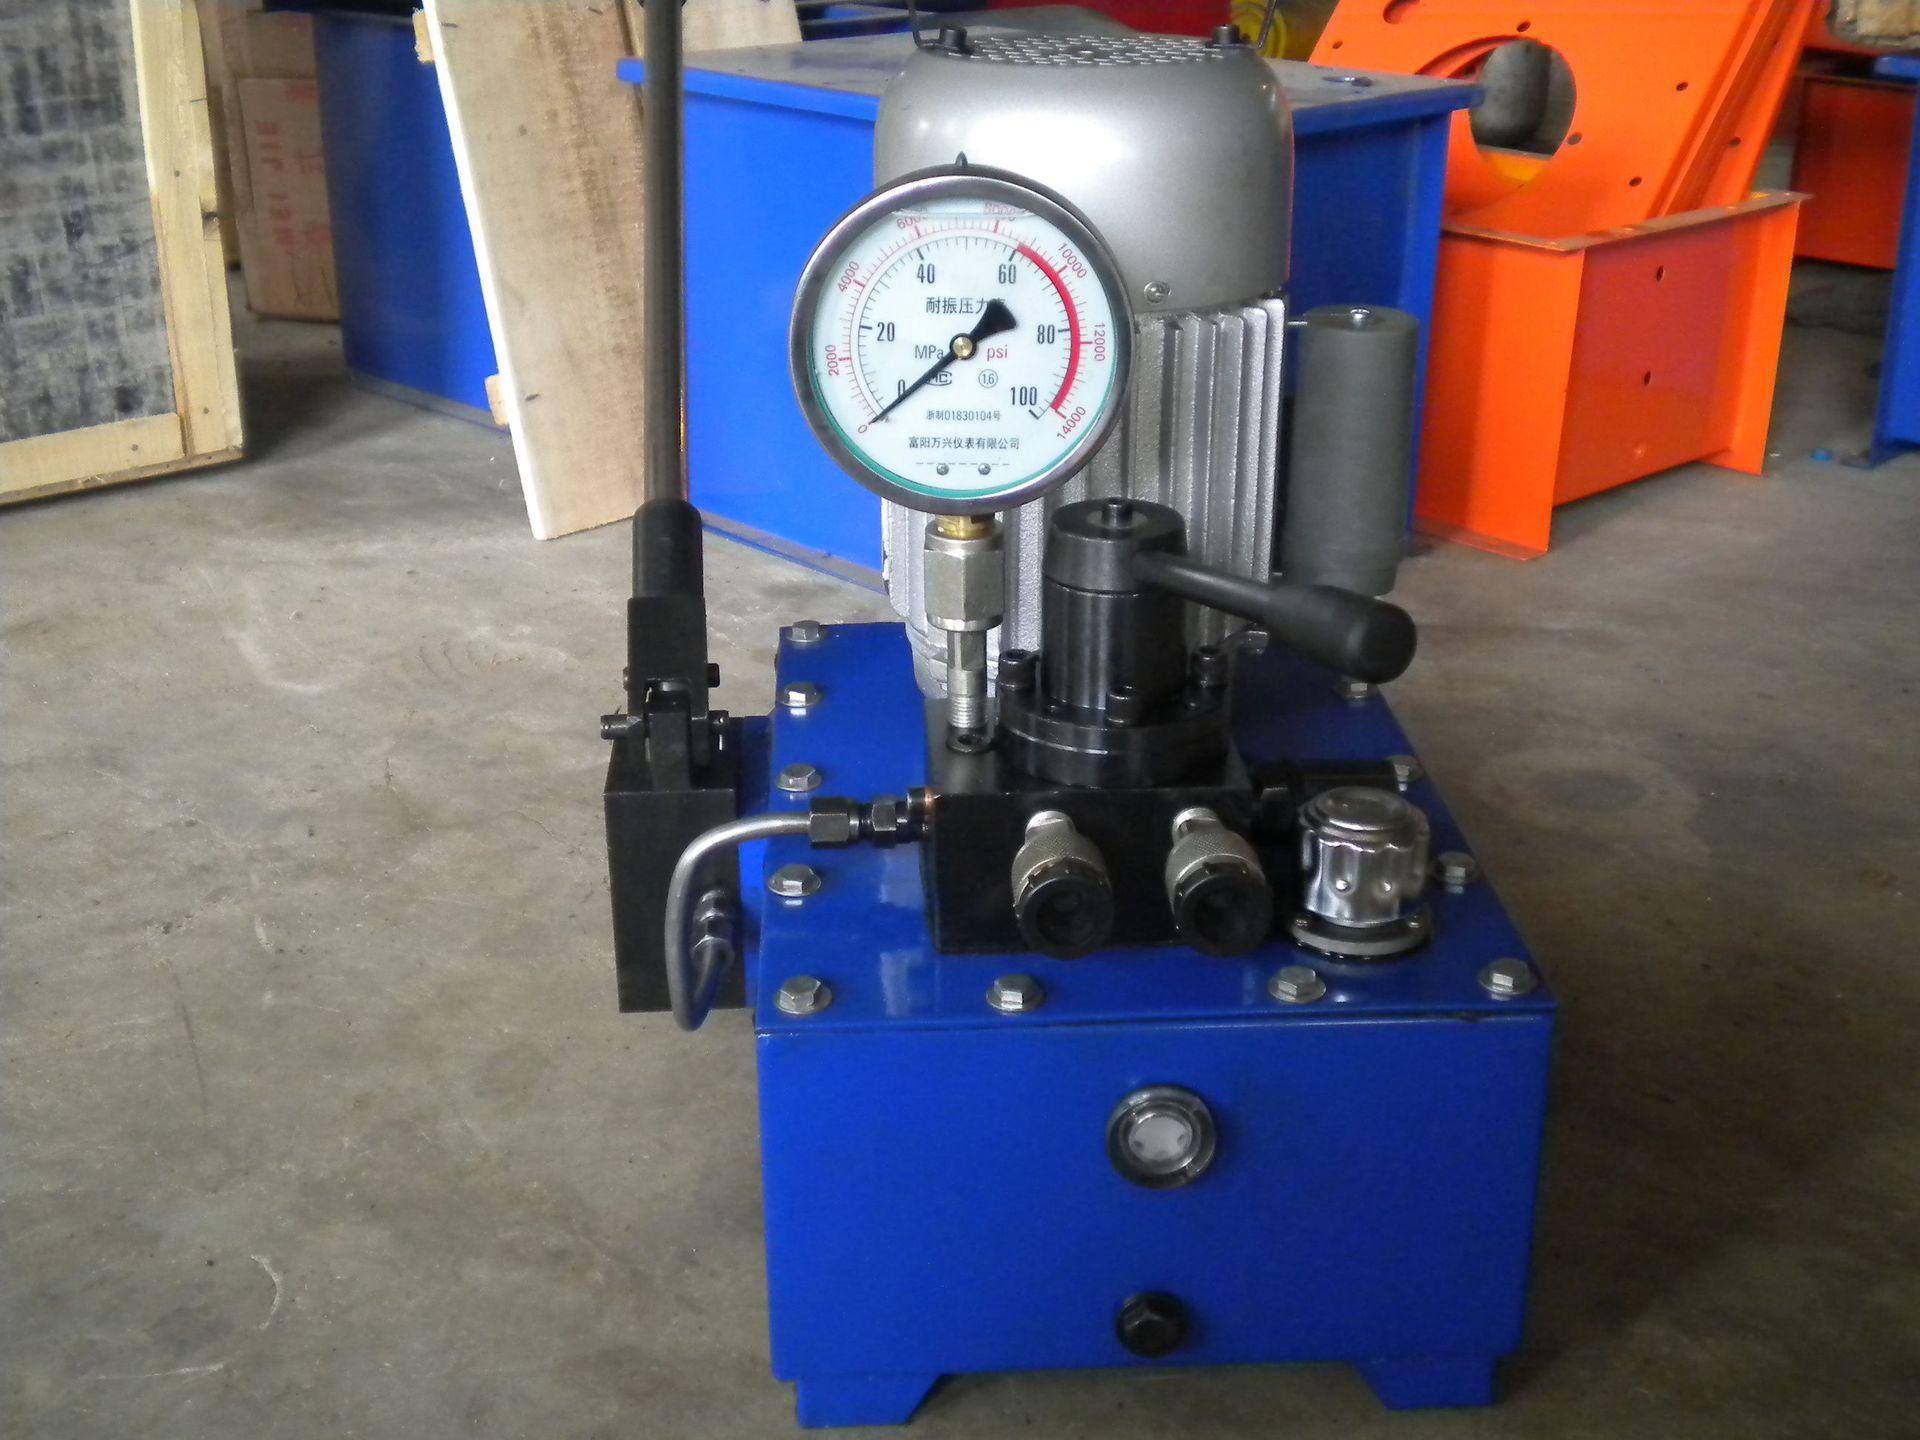 祥和供应 超高压电动泵 边立式液压泵 双向双作用液压油泵 高质量图片